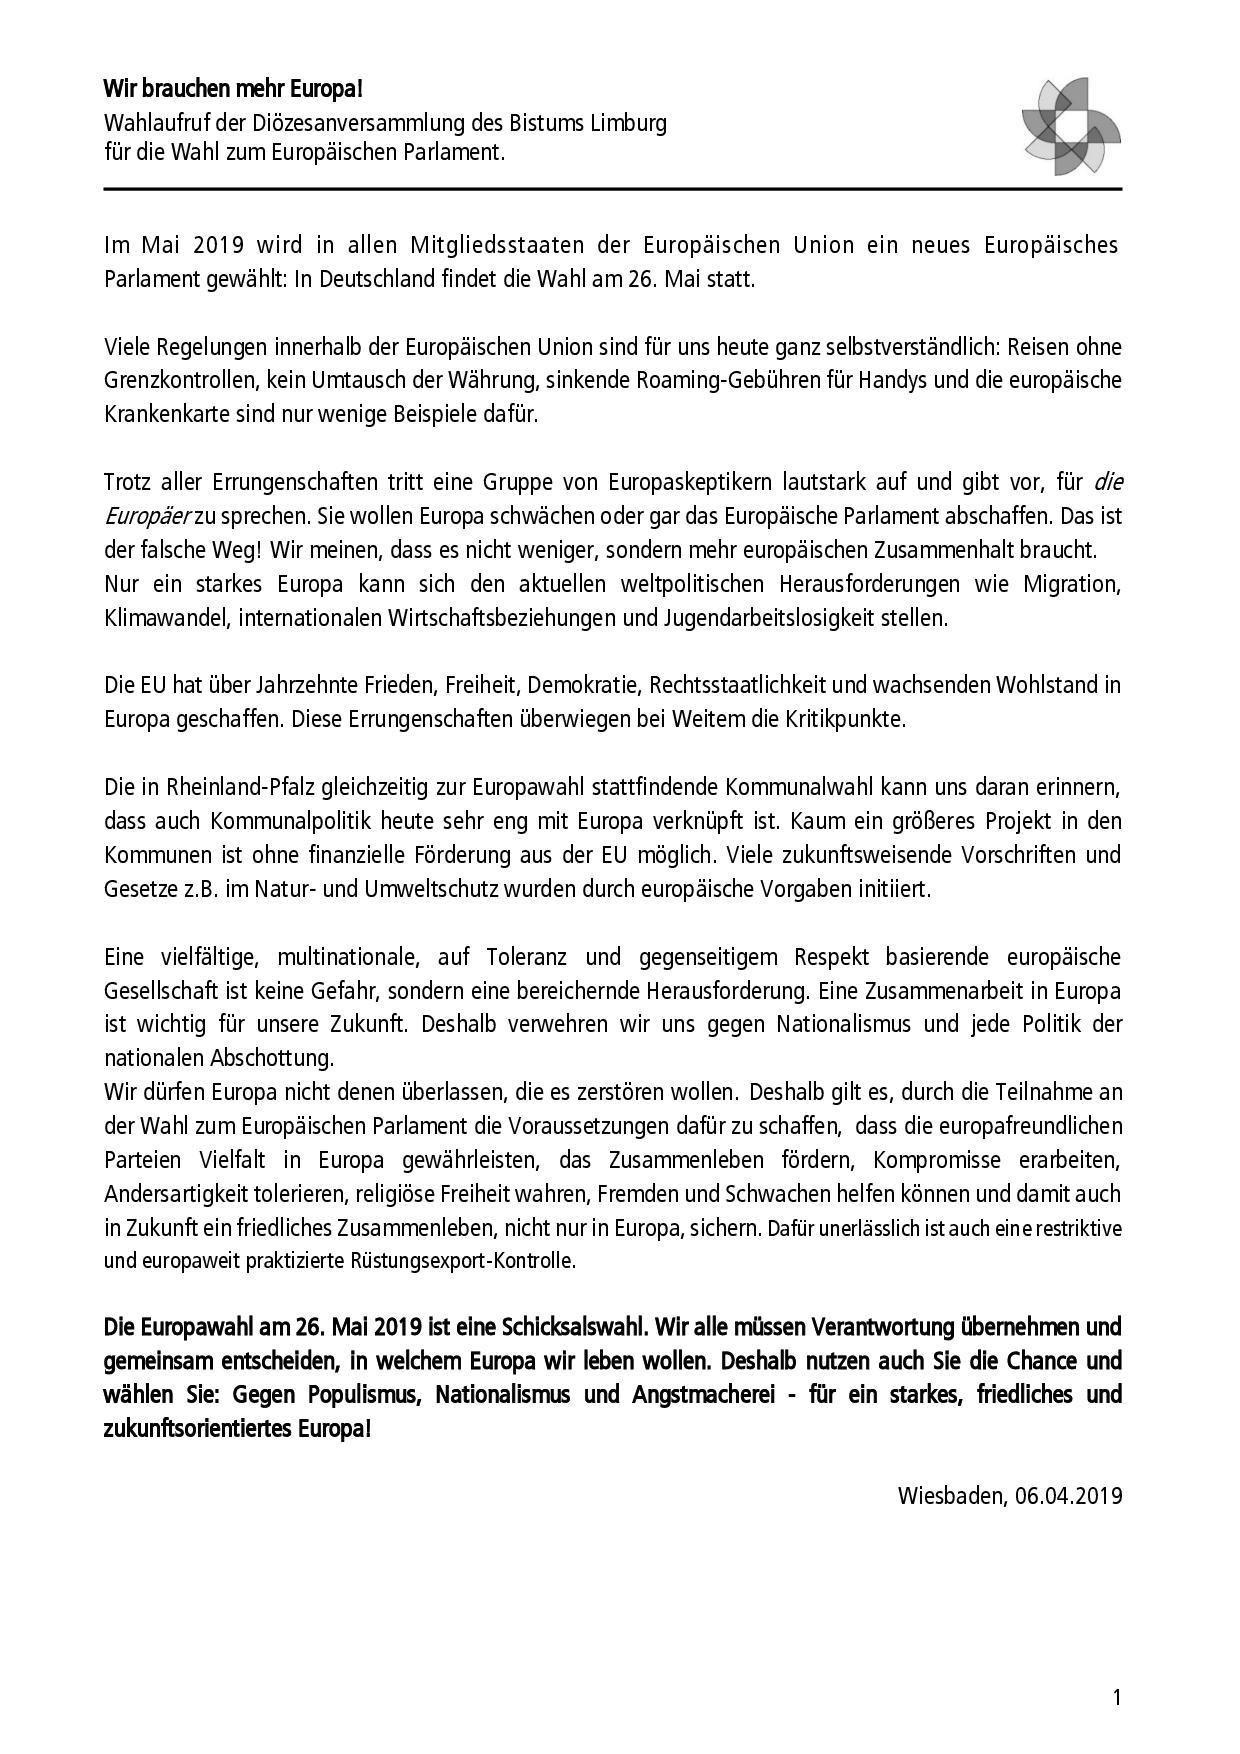 E 2019 7 Wahlaufruf Europawahl + Übersetzung FINAL-001